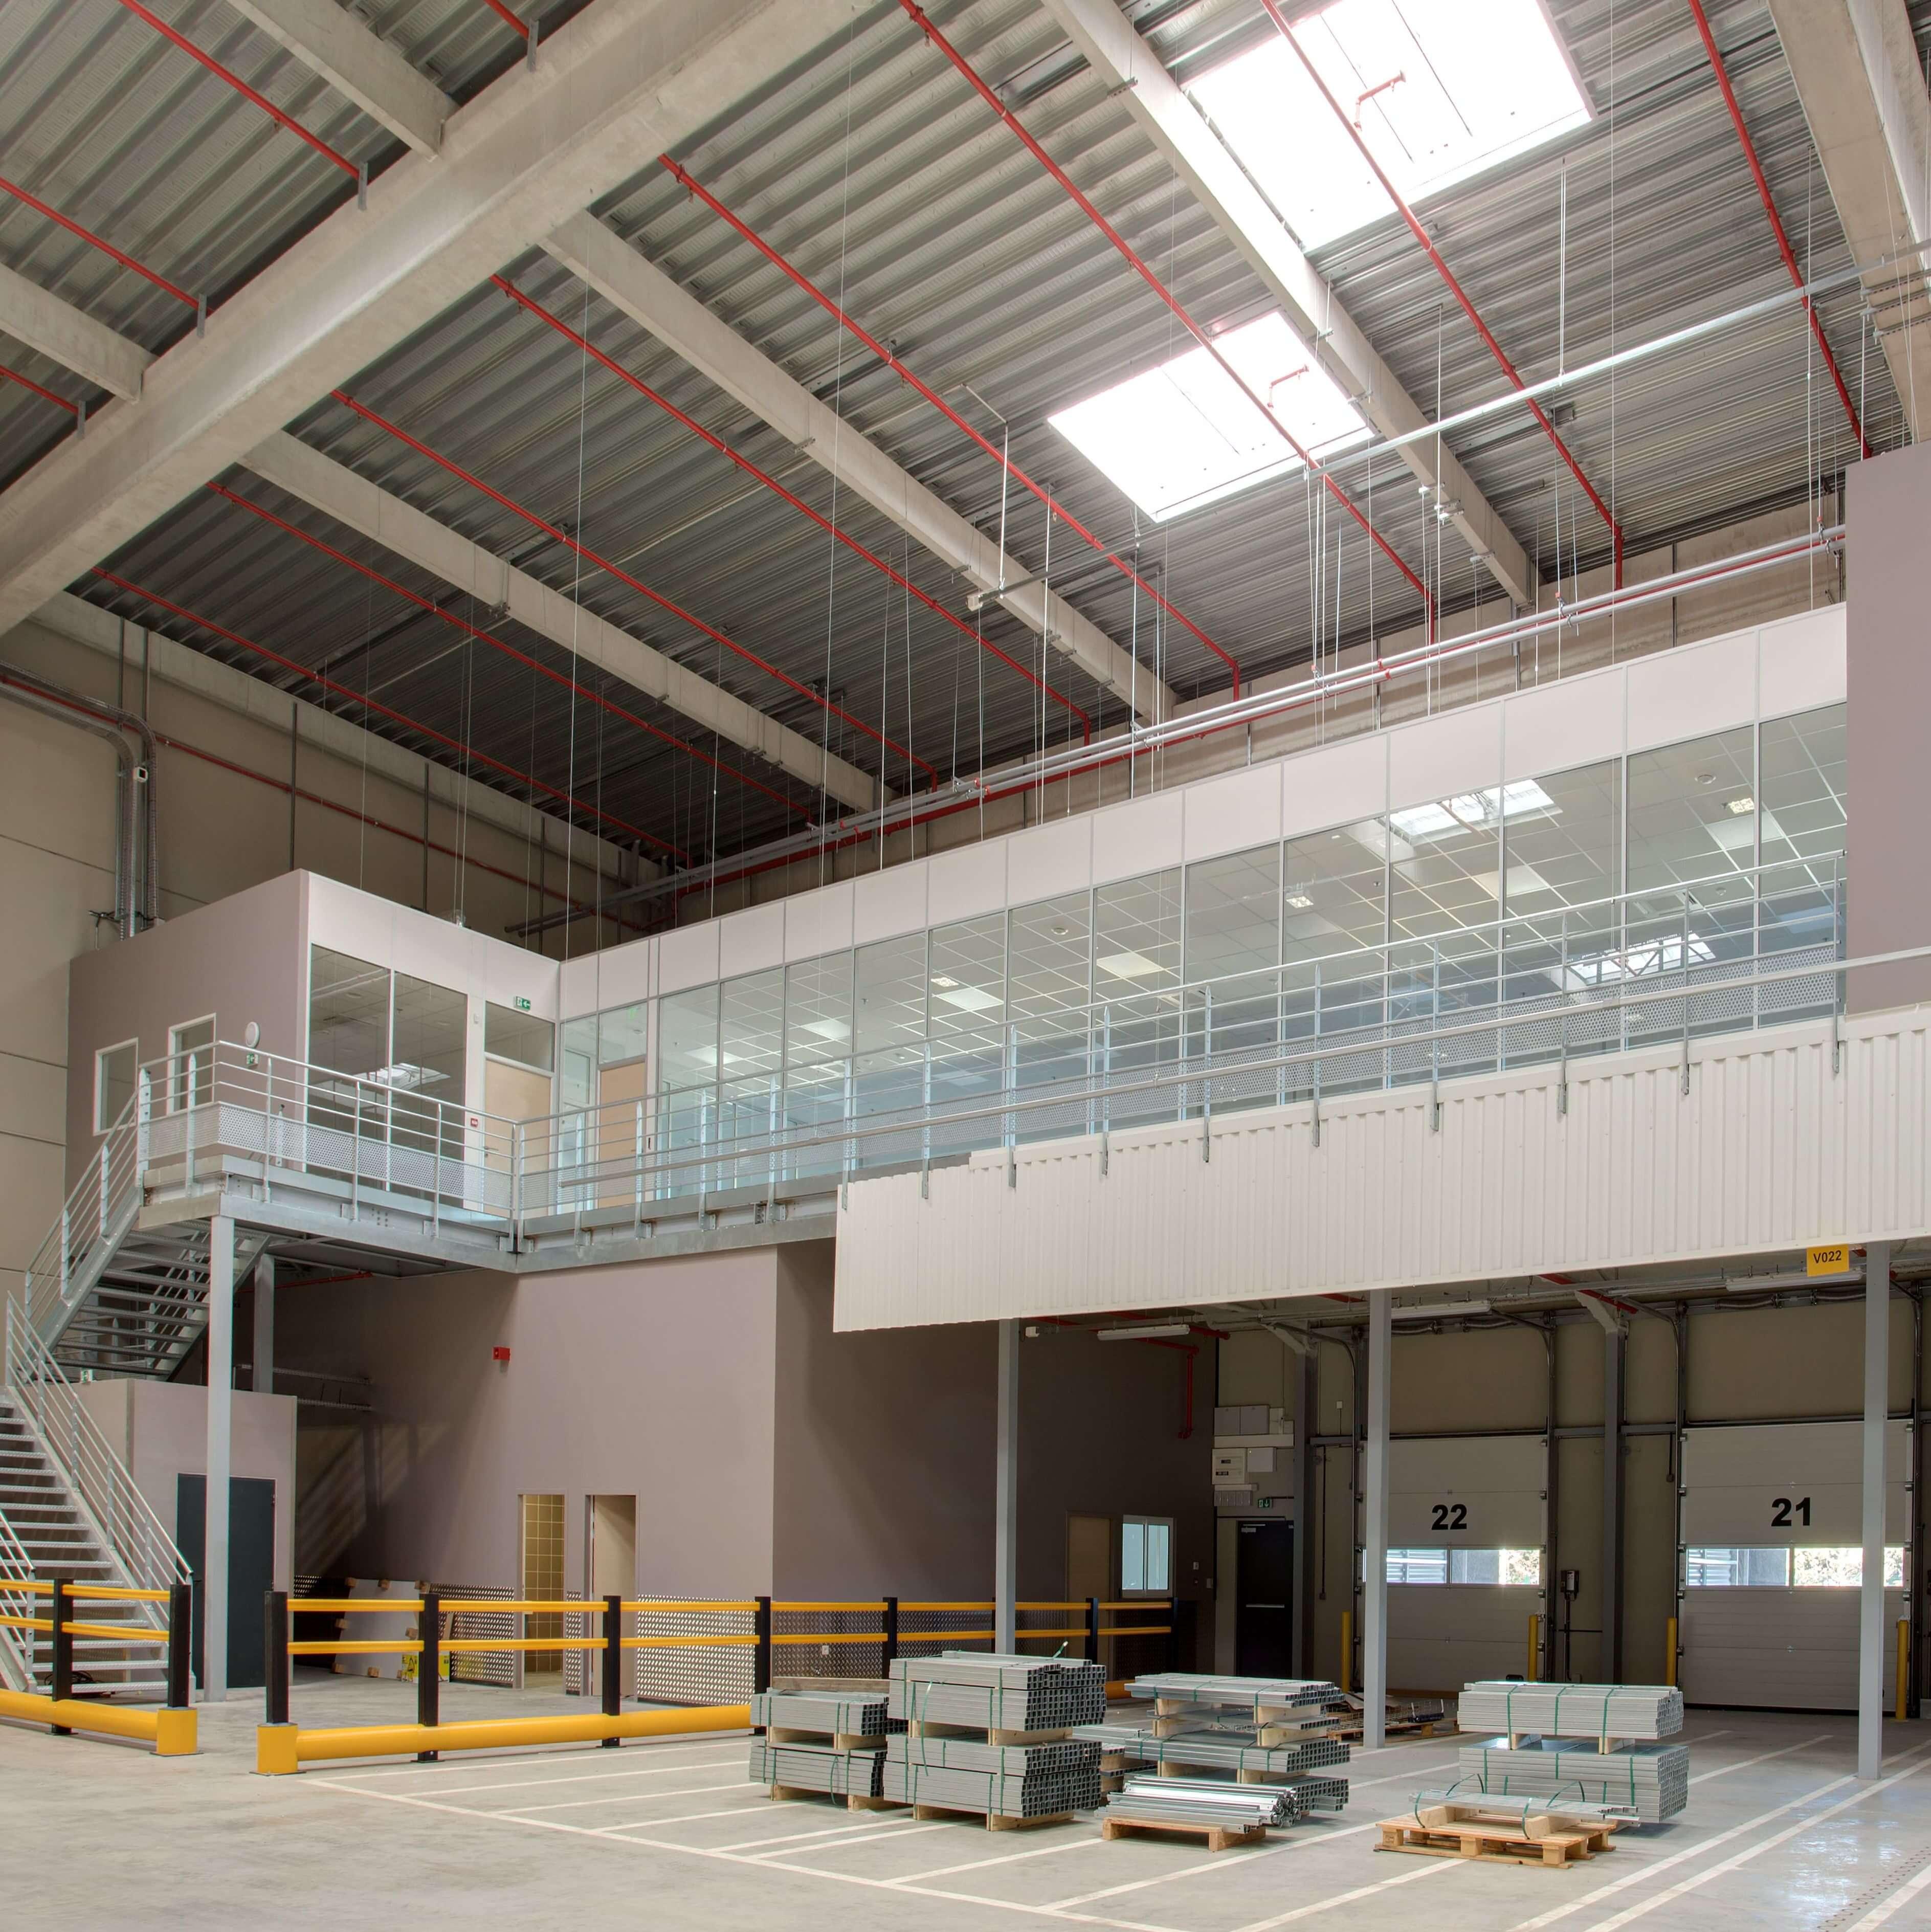 Nos cloisons s'intégrent parfaitement dans des environnements industriels et ateliers de production